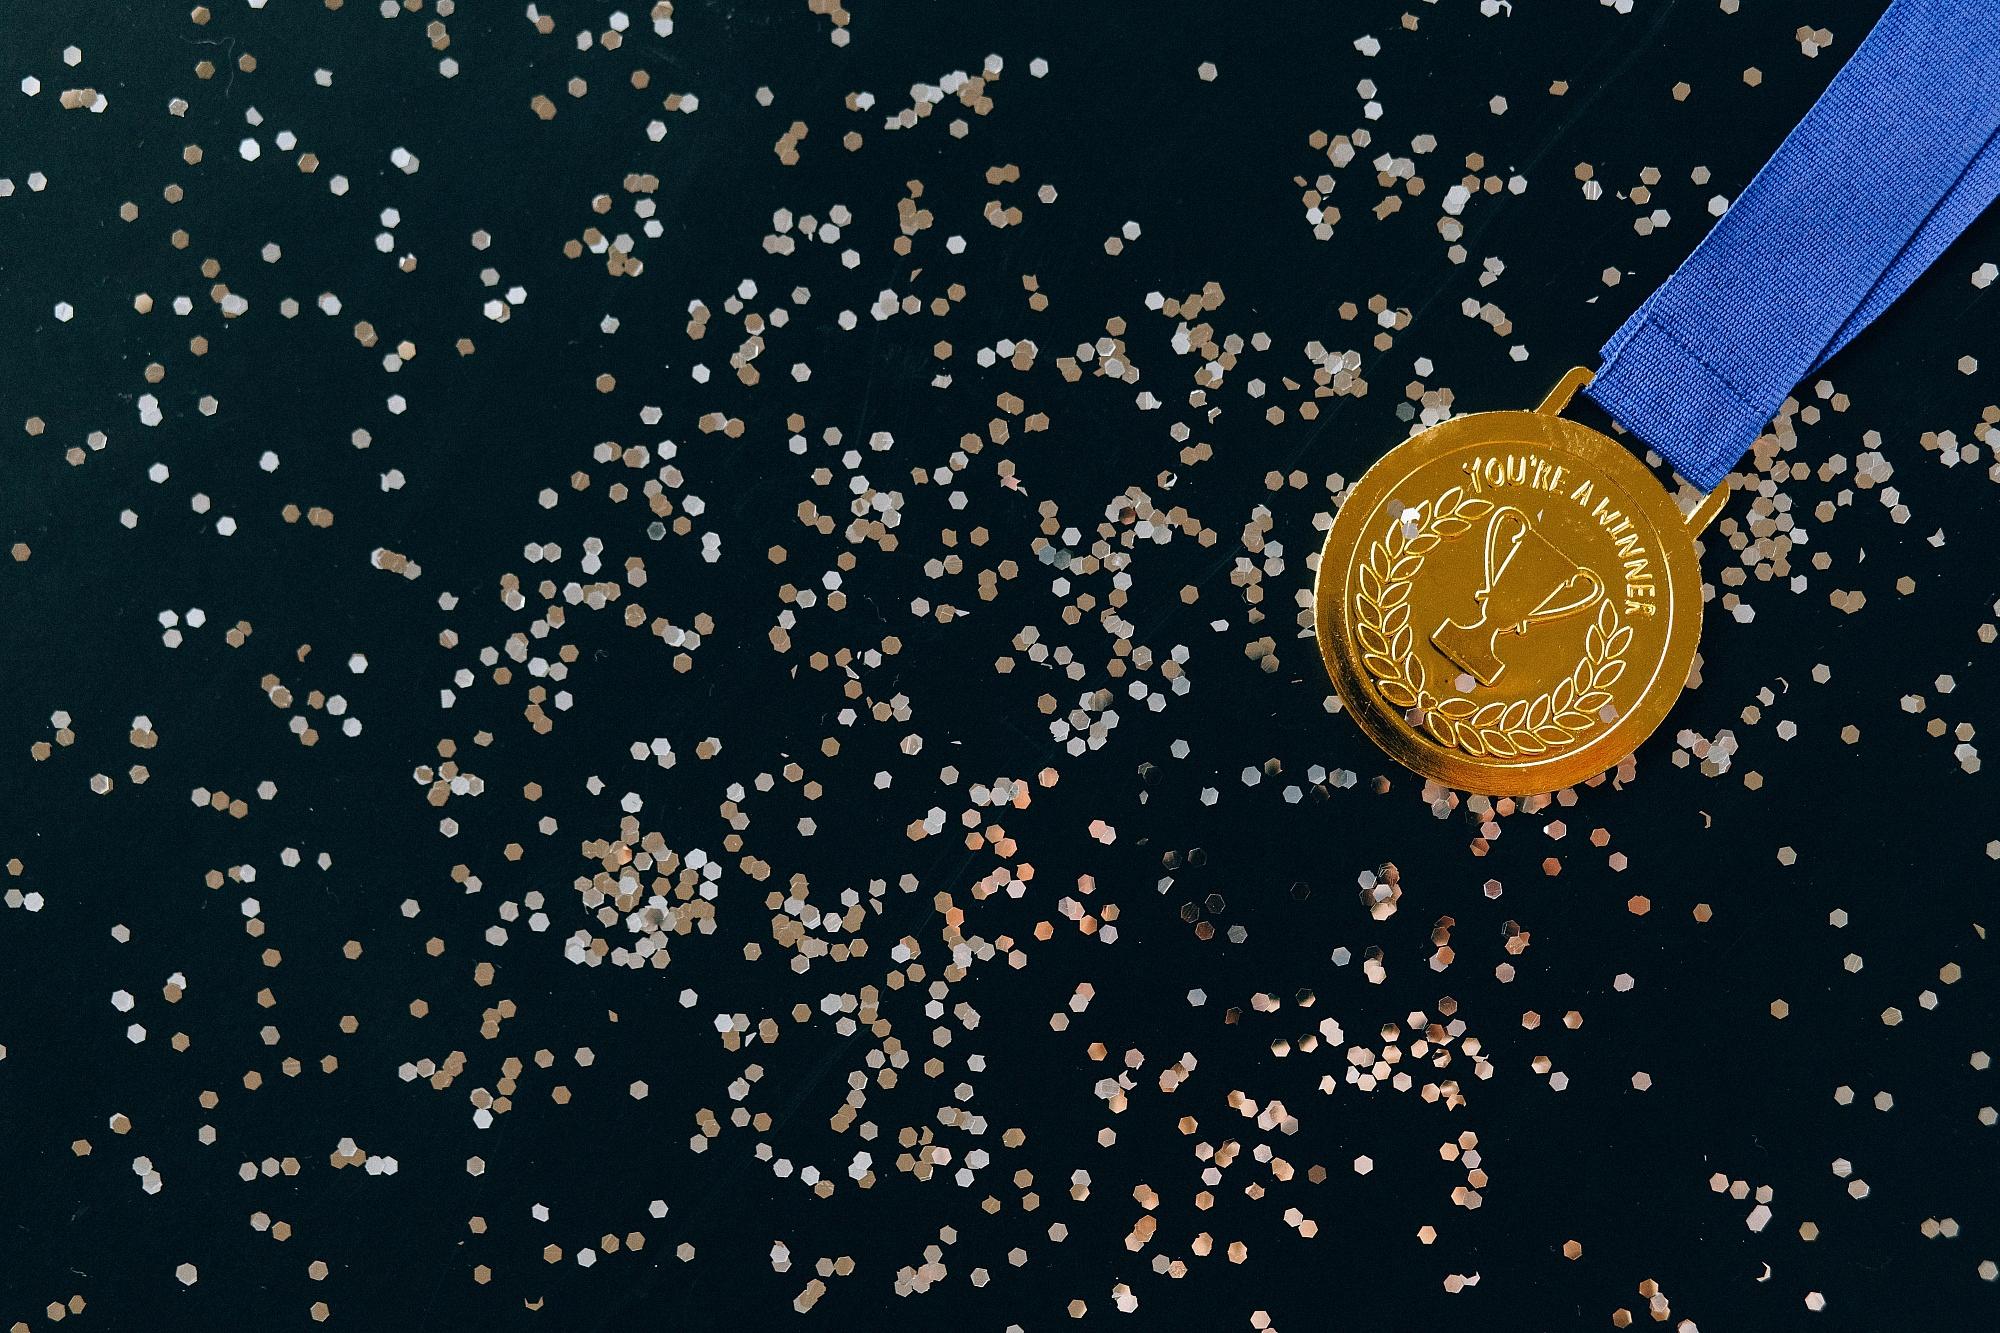 Polacy na Igrzyskach olimpijskich w Tokio podsumowanie występu